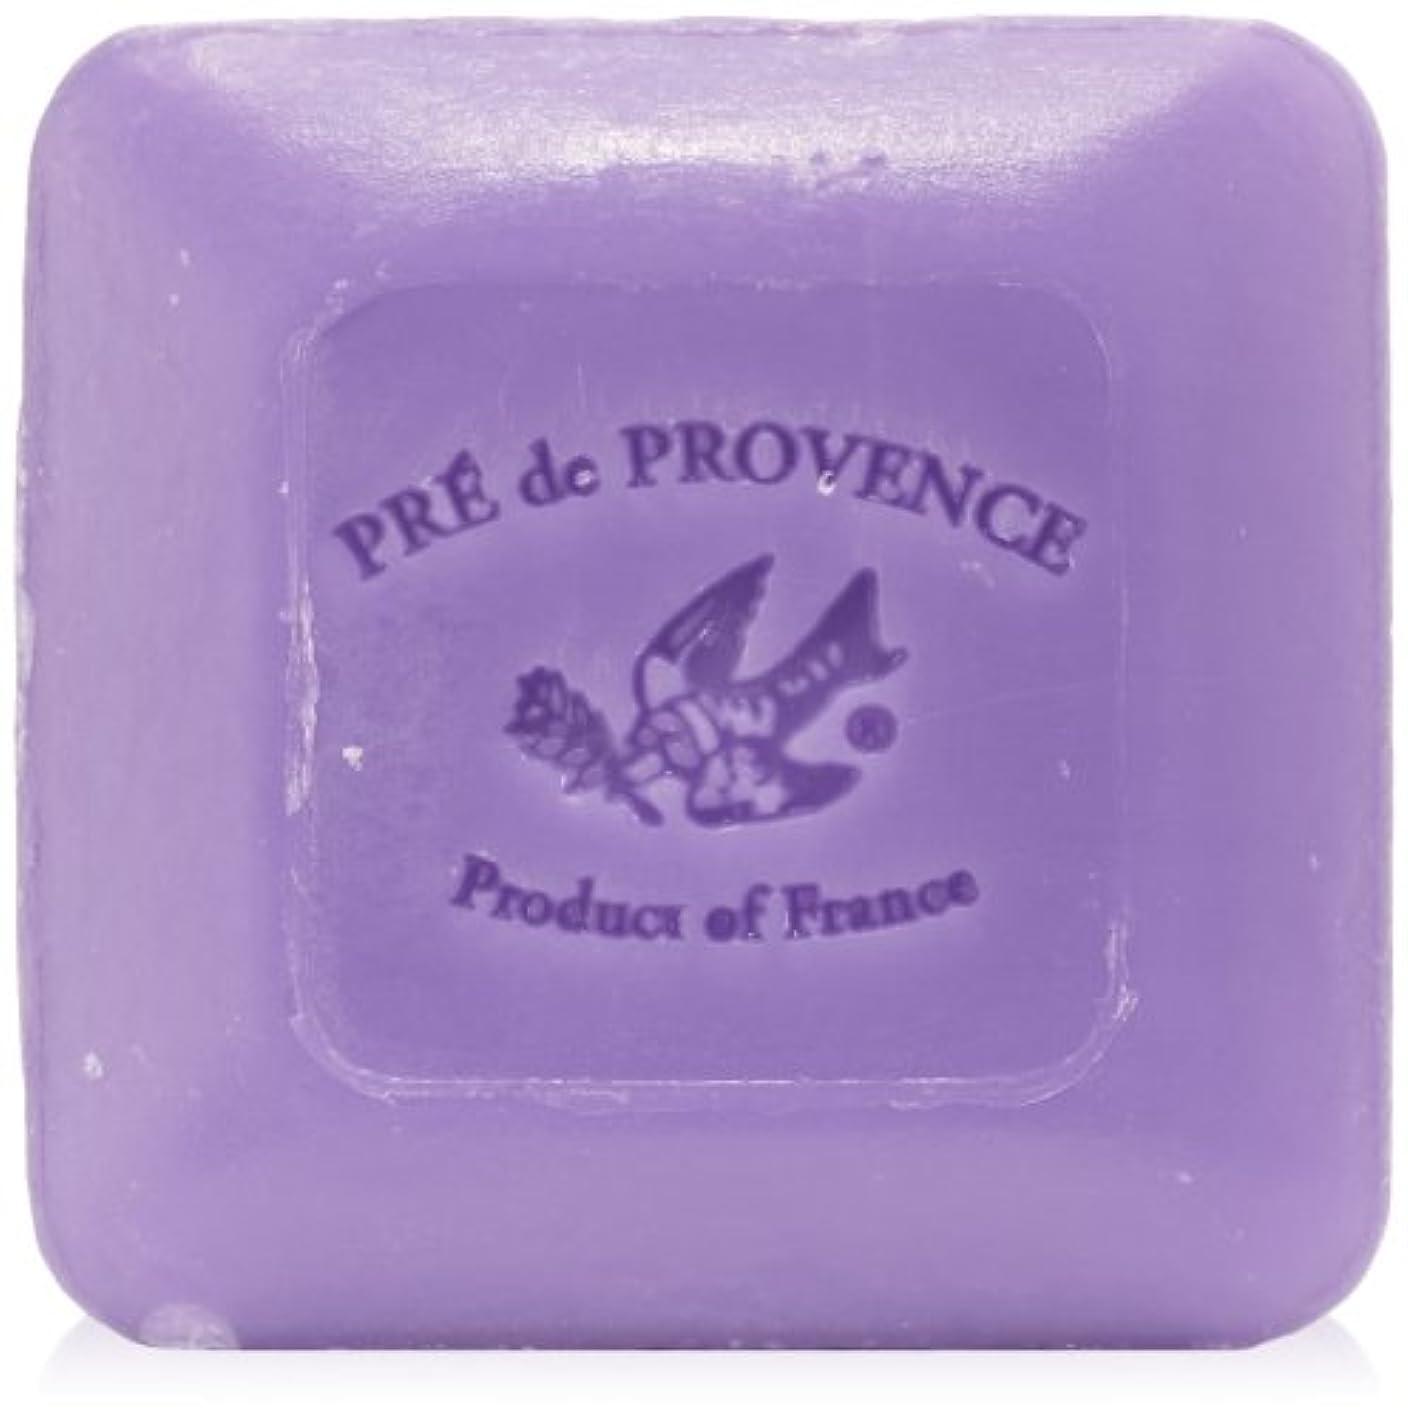 薬思春期の微弱PRE de PROVENCE シアバター エンリッチドソープ ギフトパック ジャスミン JASMIN プレ ドゥ プロヴァンス Shea Butter Enriched Soap